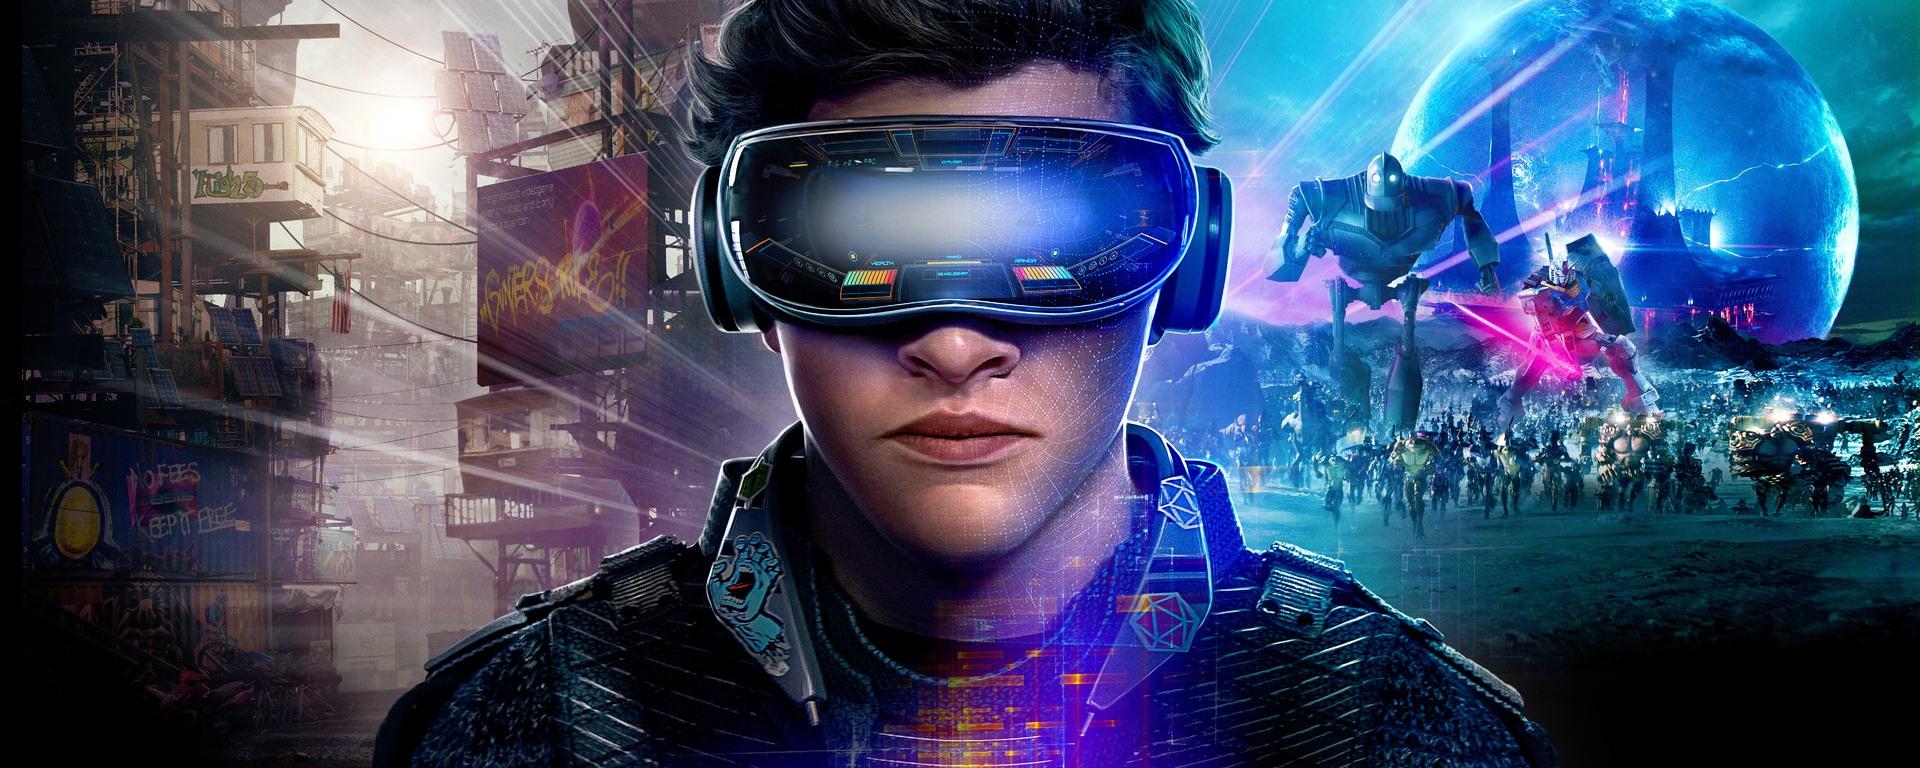 Ready Player One – Analisi narrativa – Un inno alla cultura nerd ...